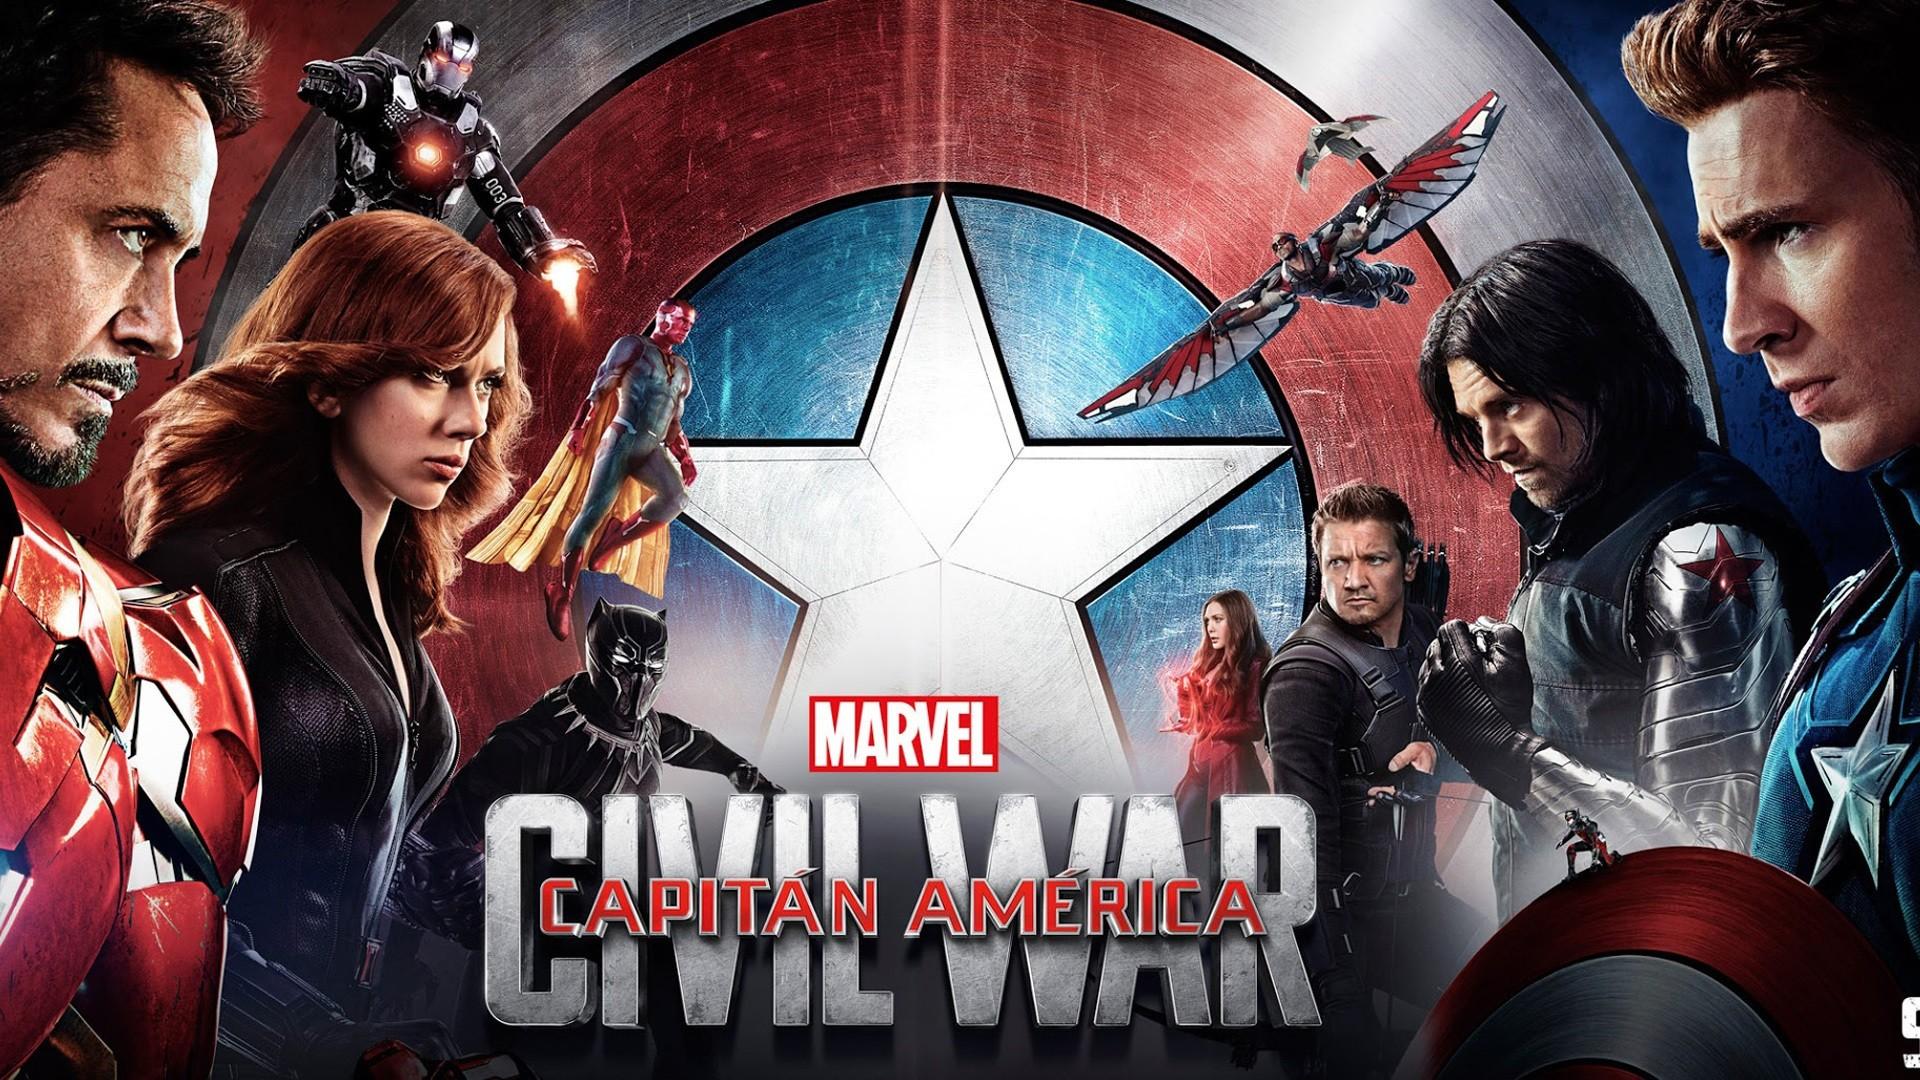 キャプテン・マーベル Hd: Civil War Marvel HD Wallpaper (70+ Images